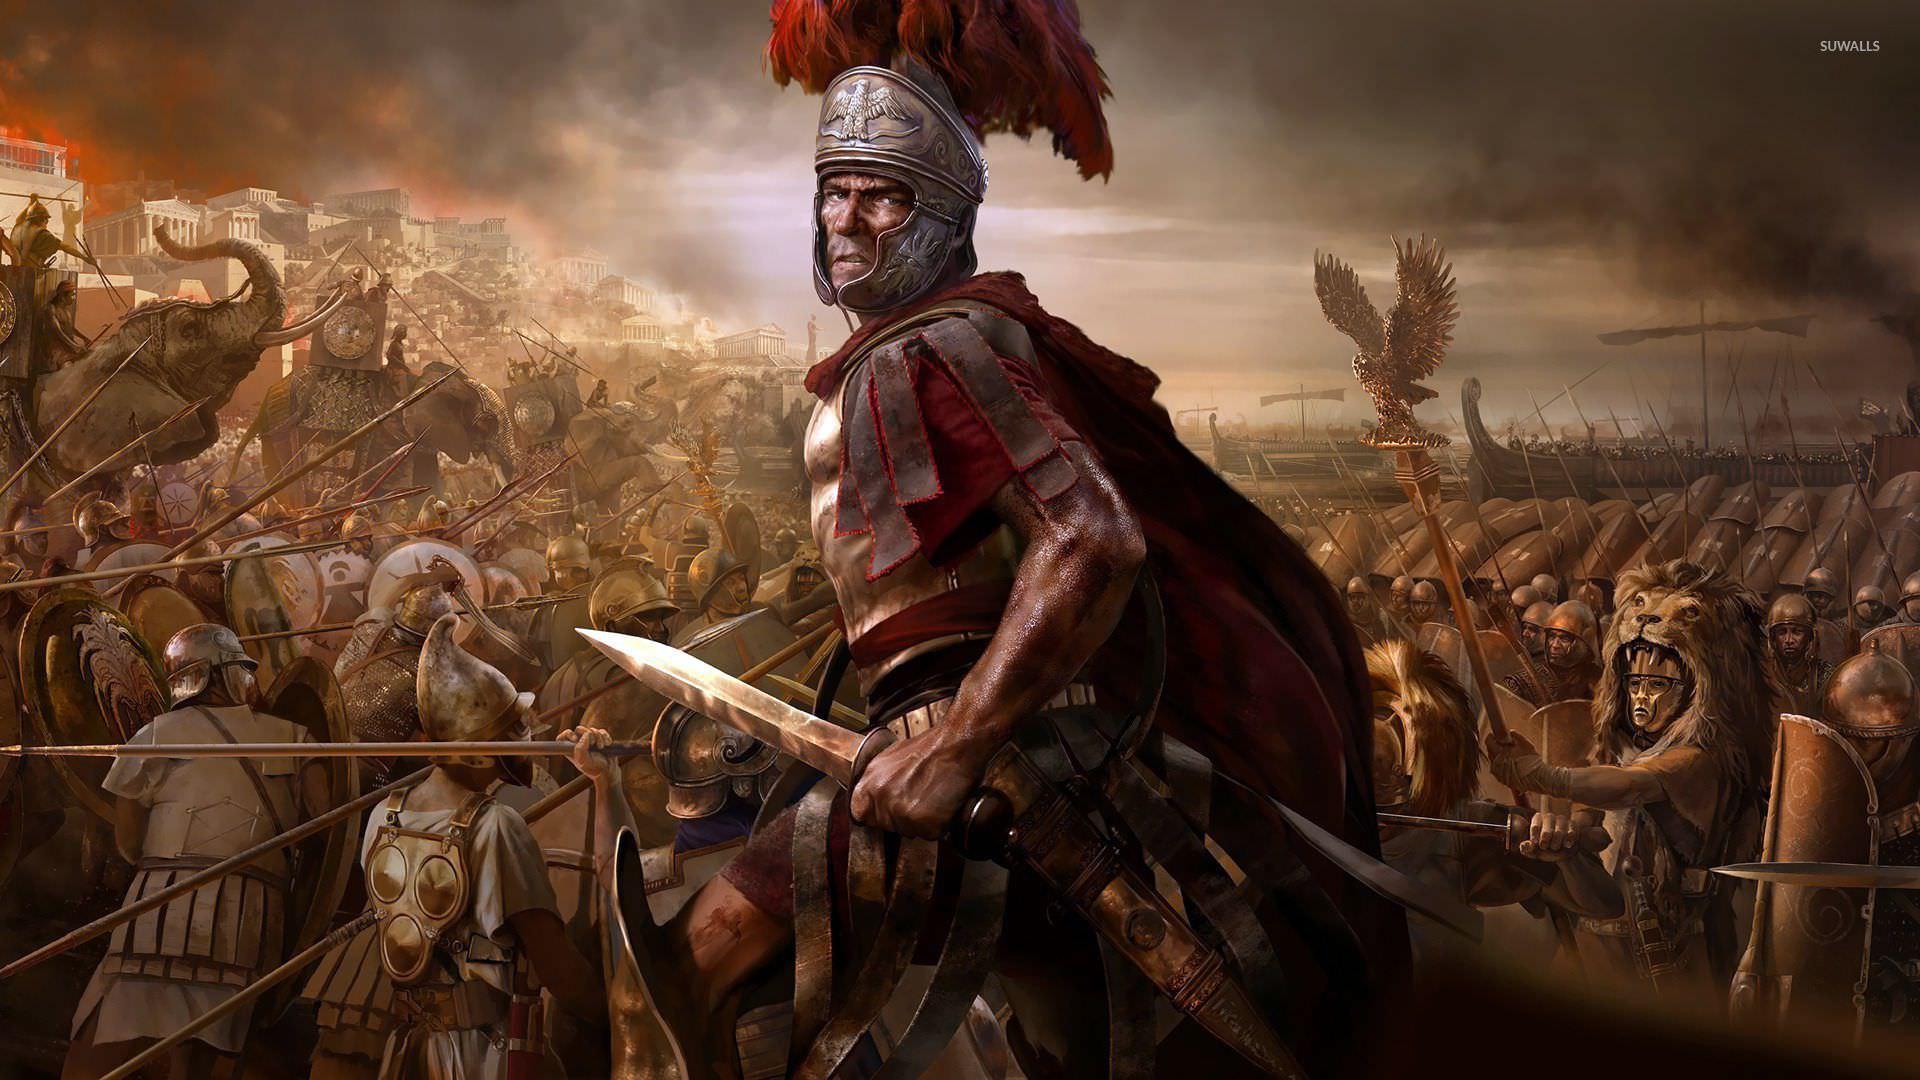 نمایش بهبودهای گیمپلی نسخه ریمستر Total War: Rome در تریلر جدید بازی